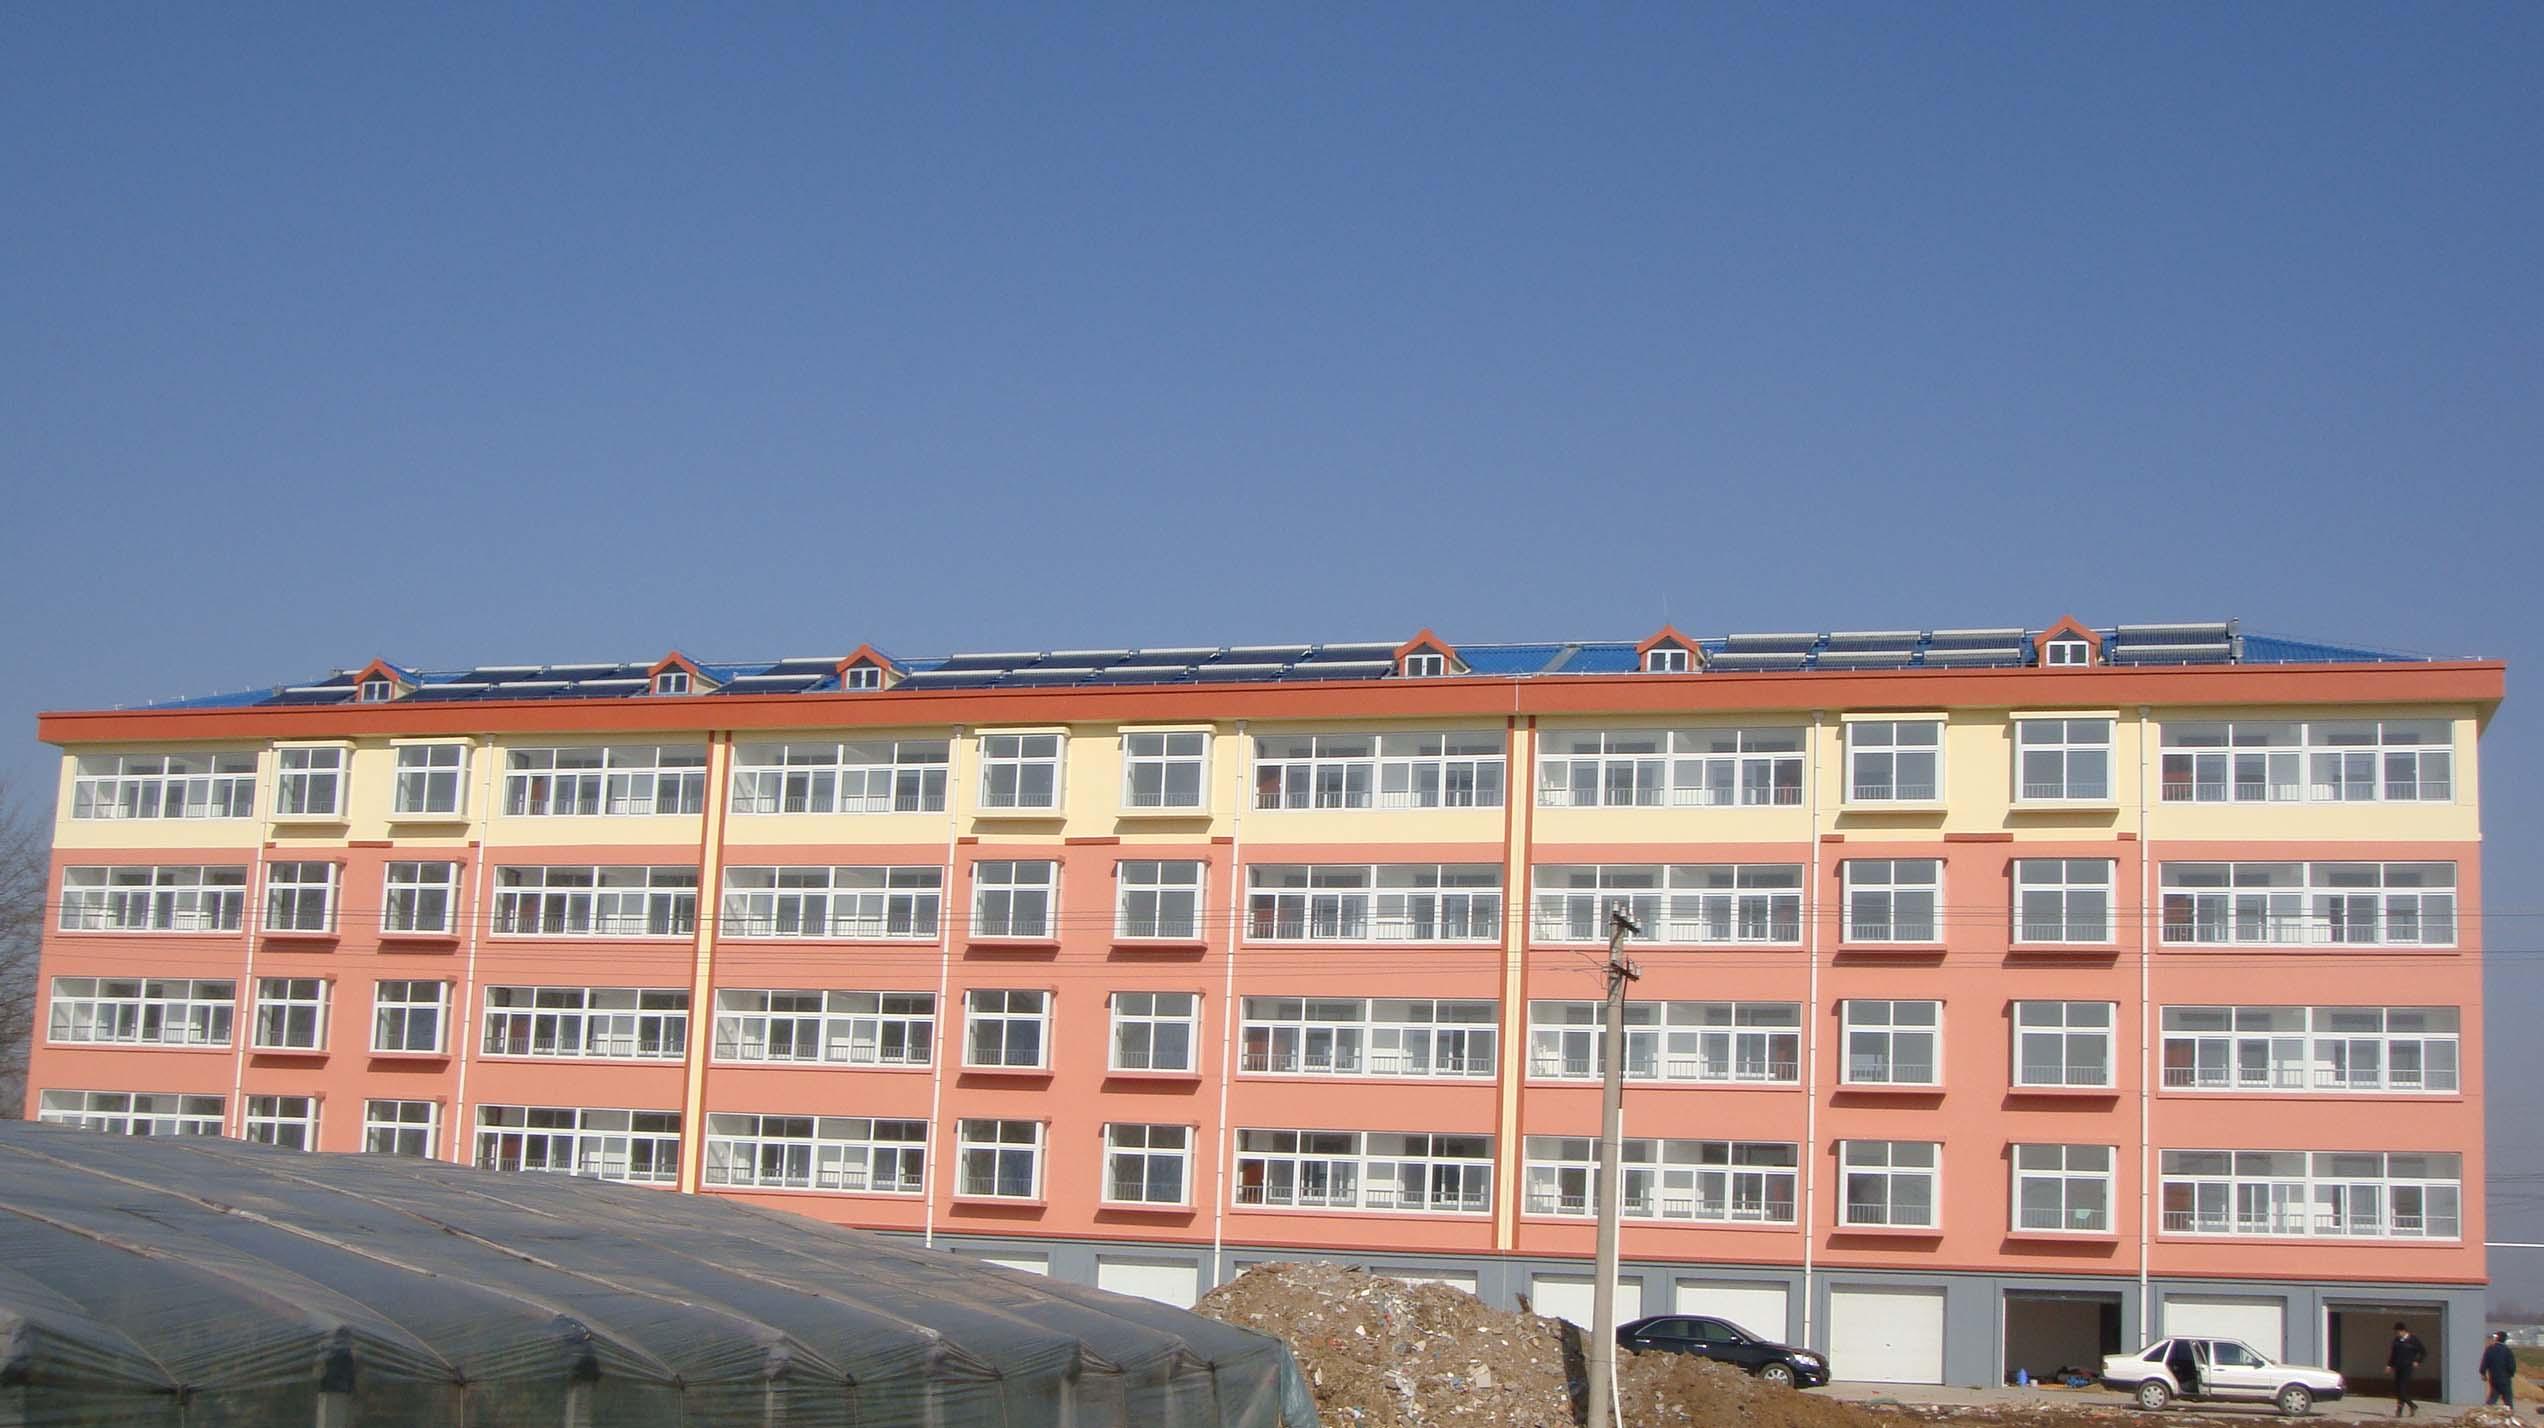 太阳能采暖与生活热水供应示范项目——寿光太阳能小区